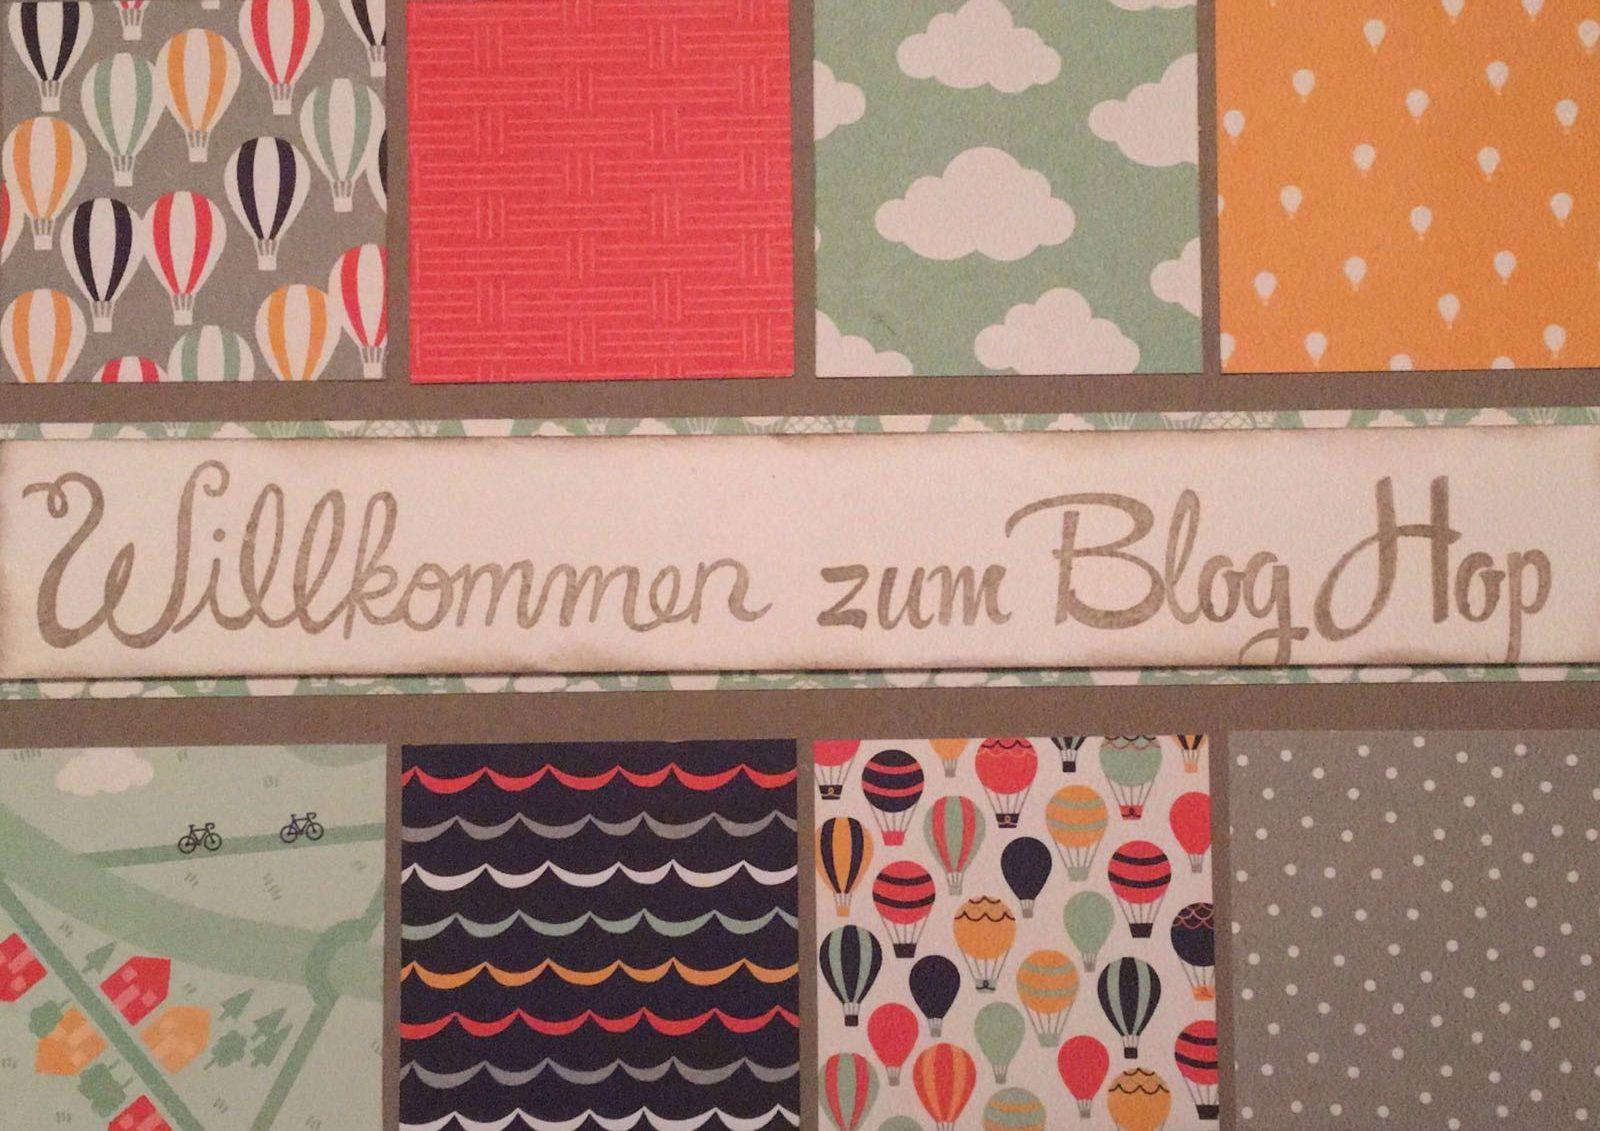 Willkommen zum Bloghop